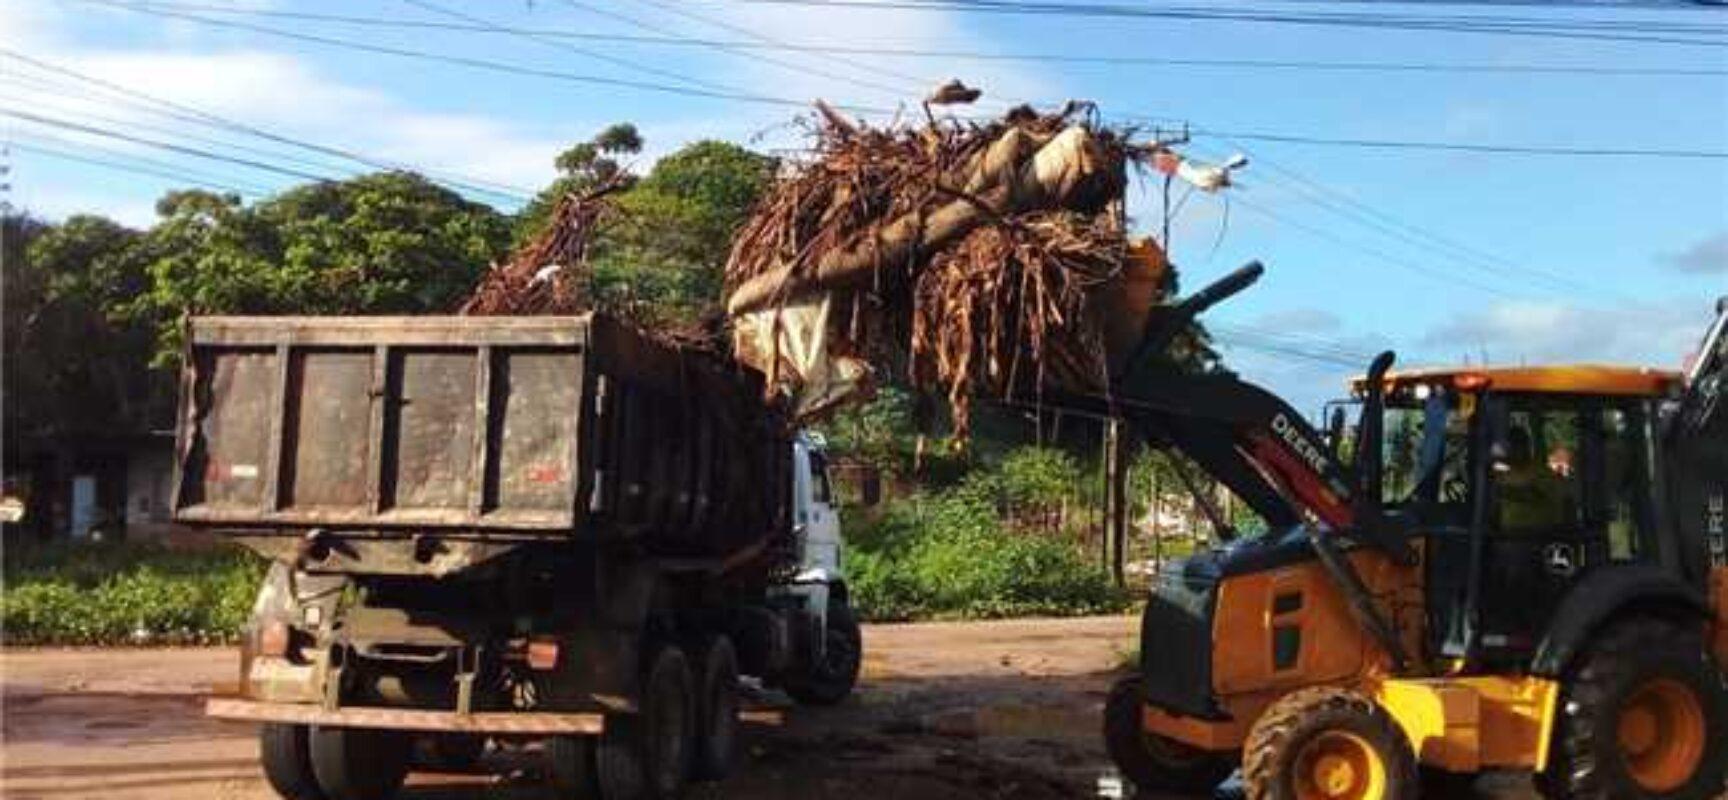 Prefeitura de Ilhéus realiza mutirão de limpeza e recolhe mais de 200 toneladas de lixo